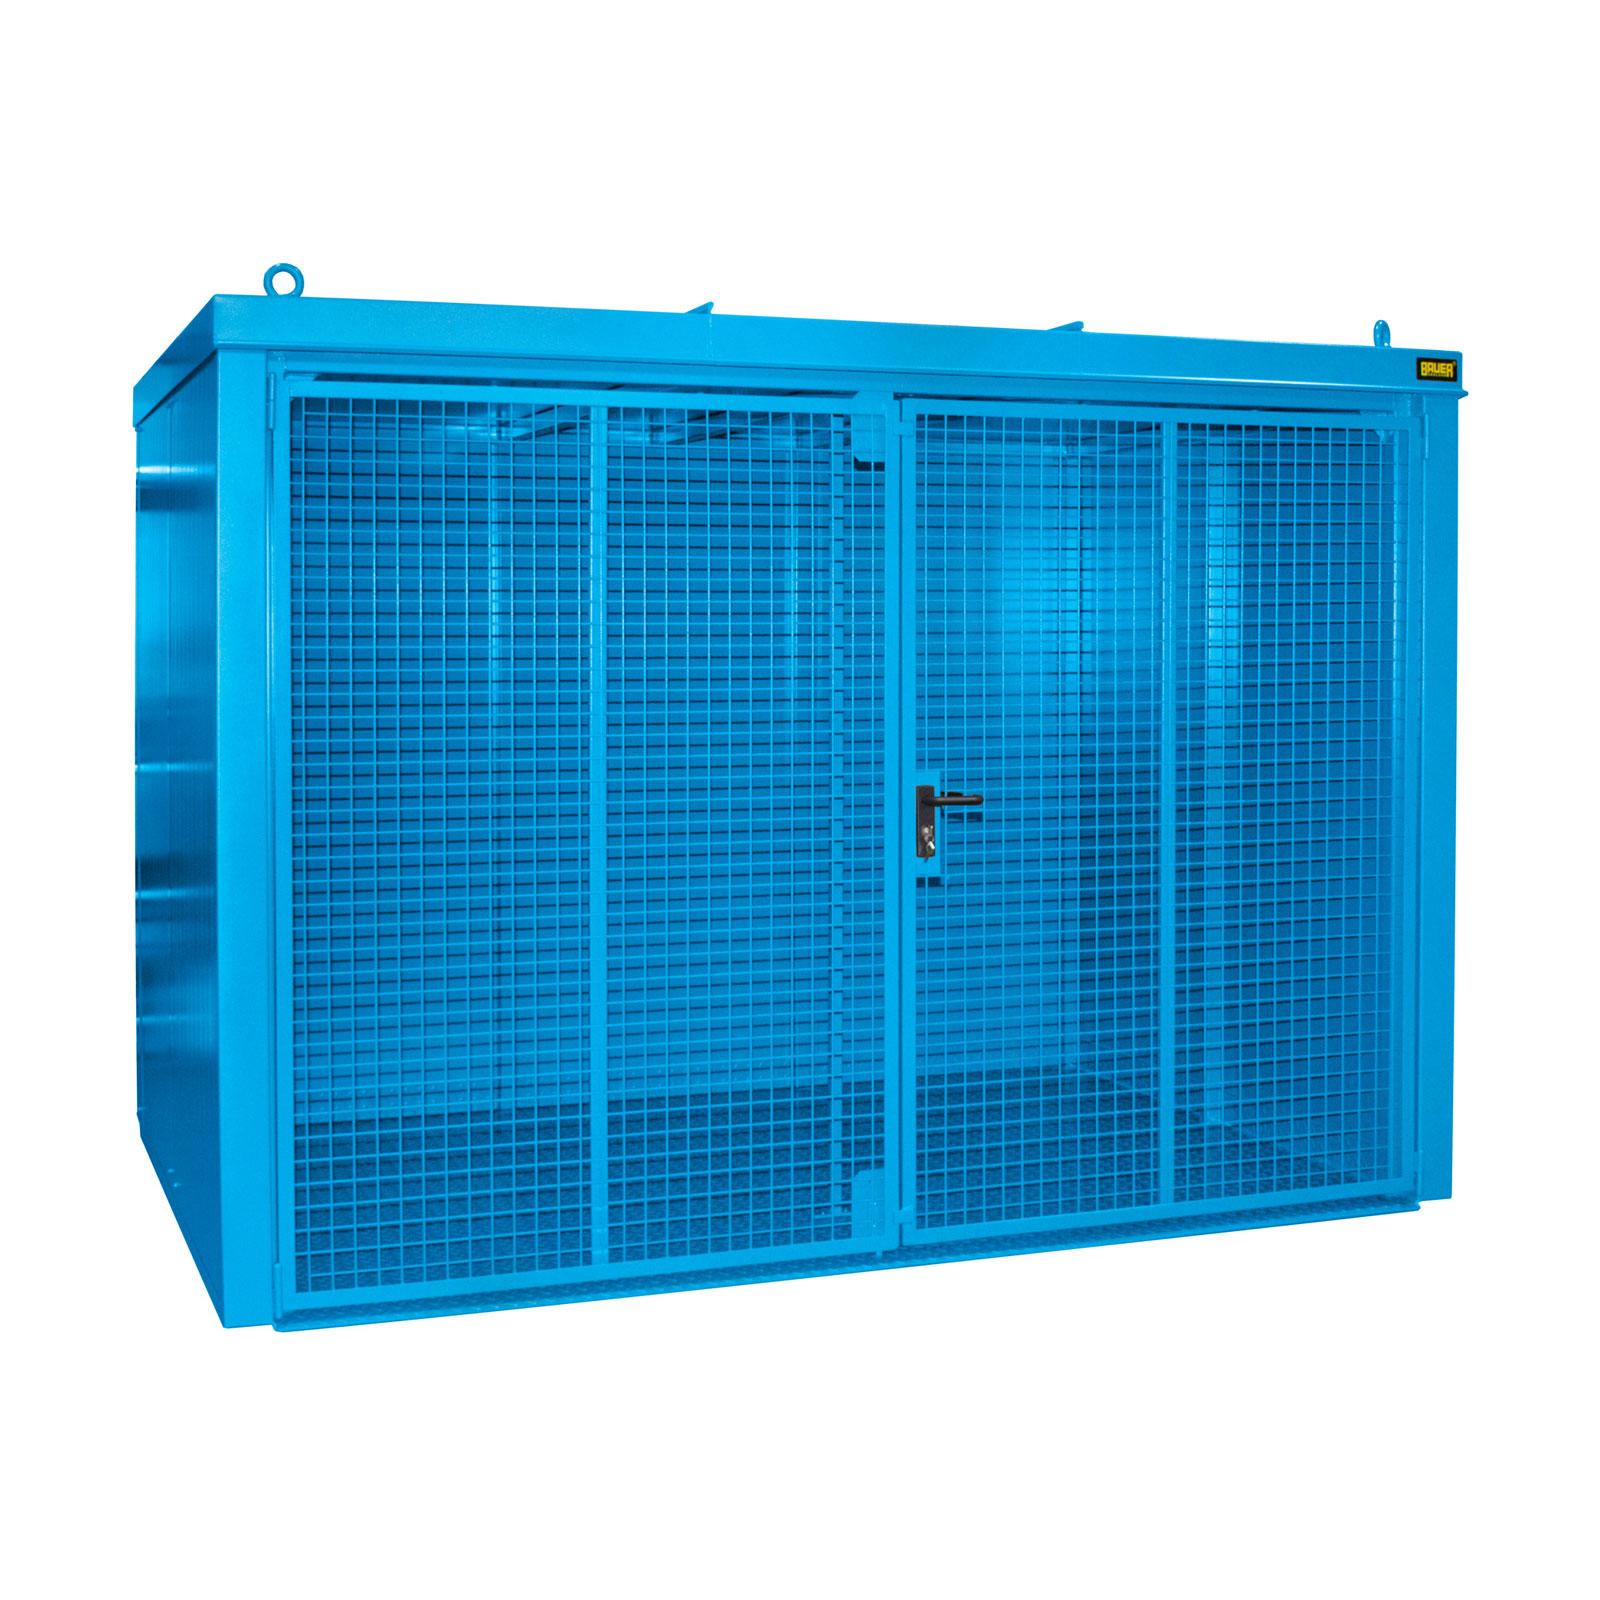 Bauer Gasflaschen-Container GFC-B M5, Lichtblau für 96x Gasflaschen Ø 230 mm 4477-35-0000-3